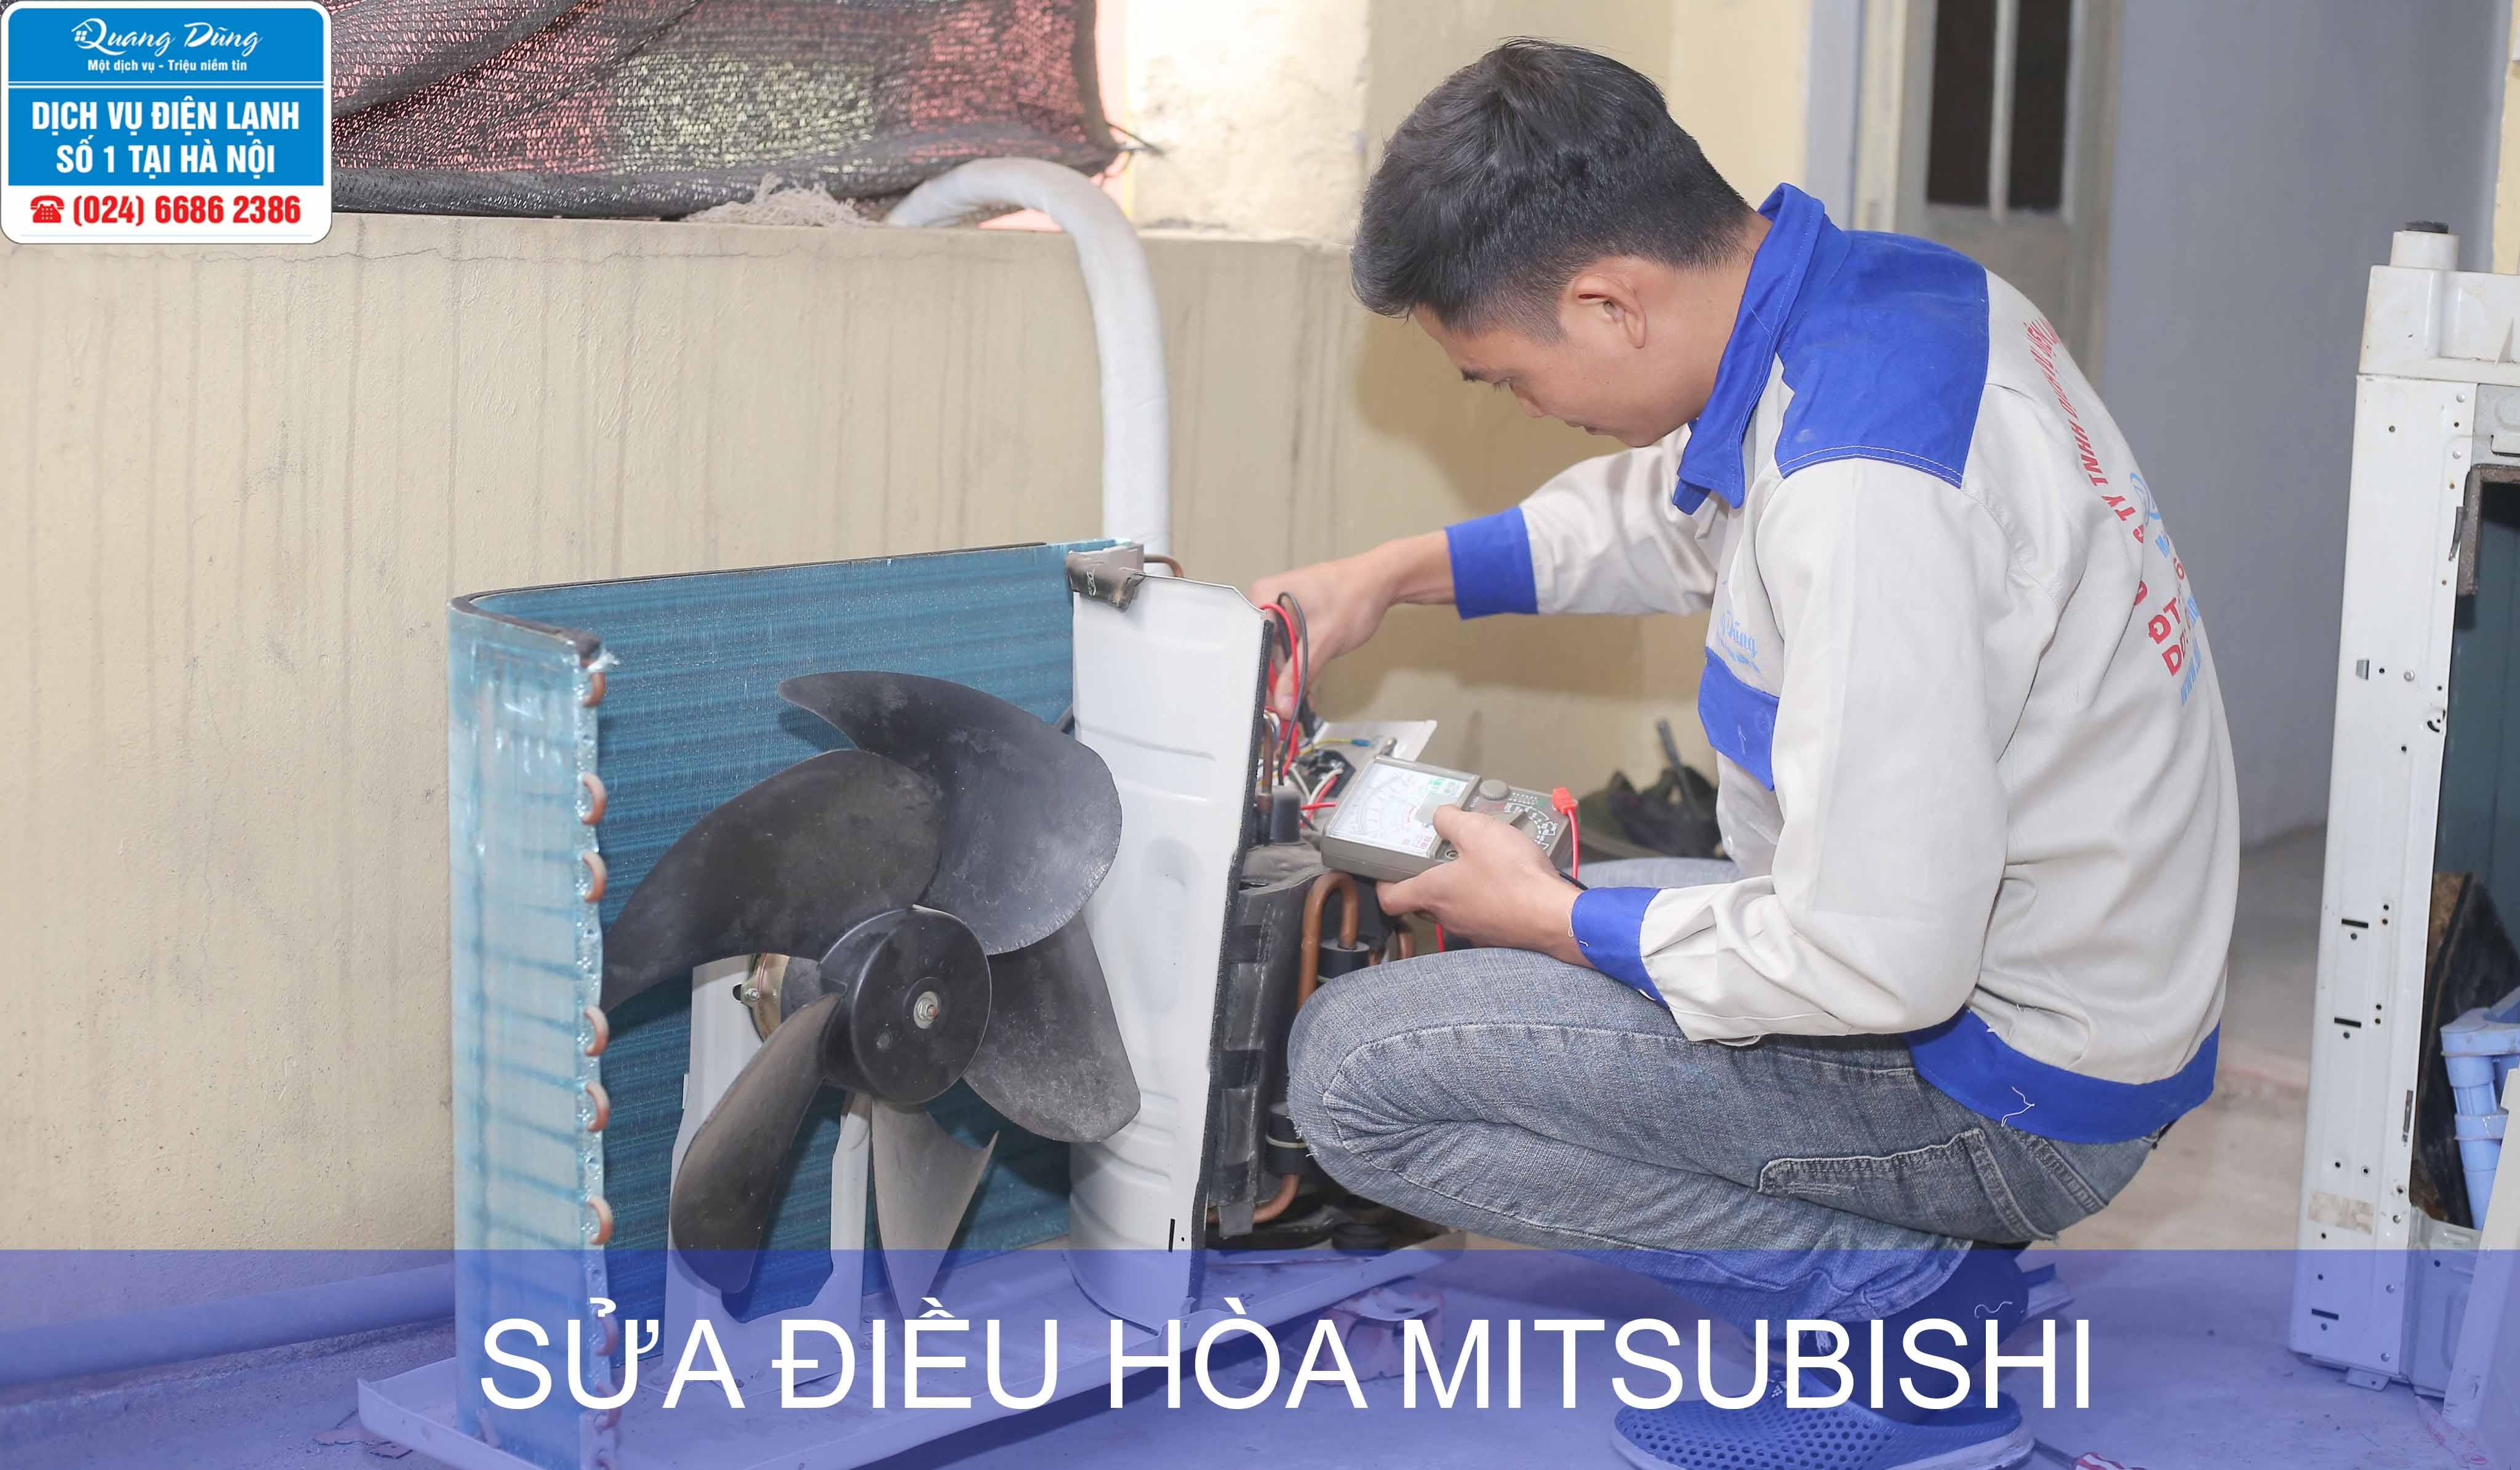 sua dieu hoa mitsubishi